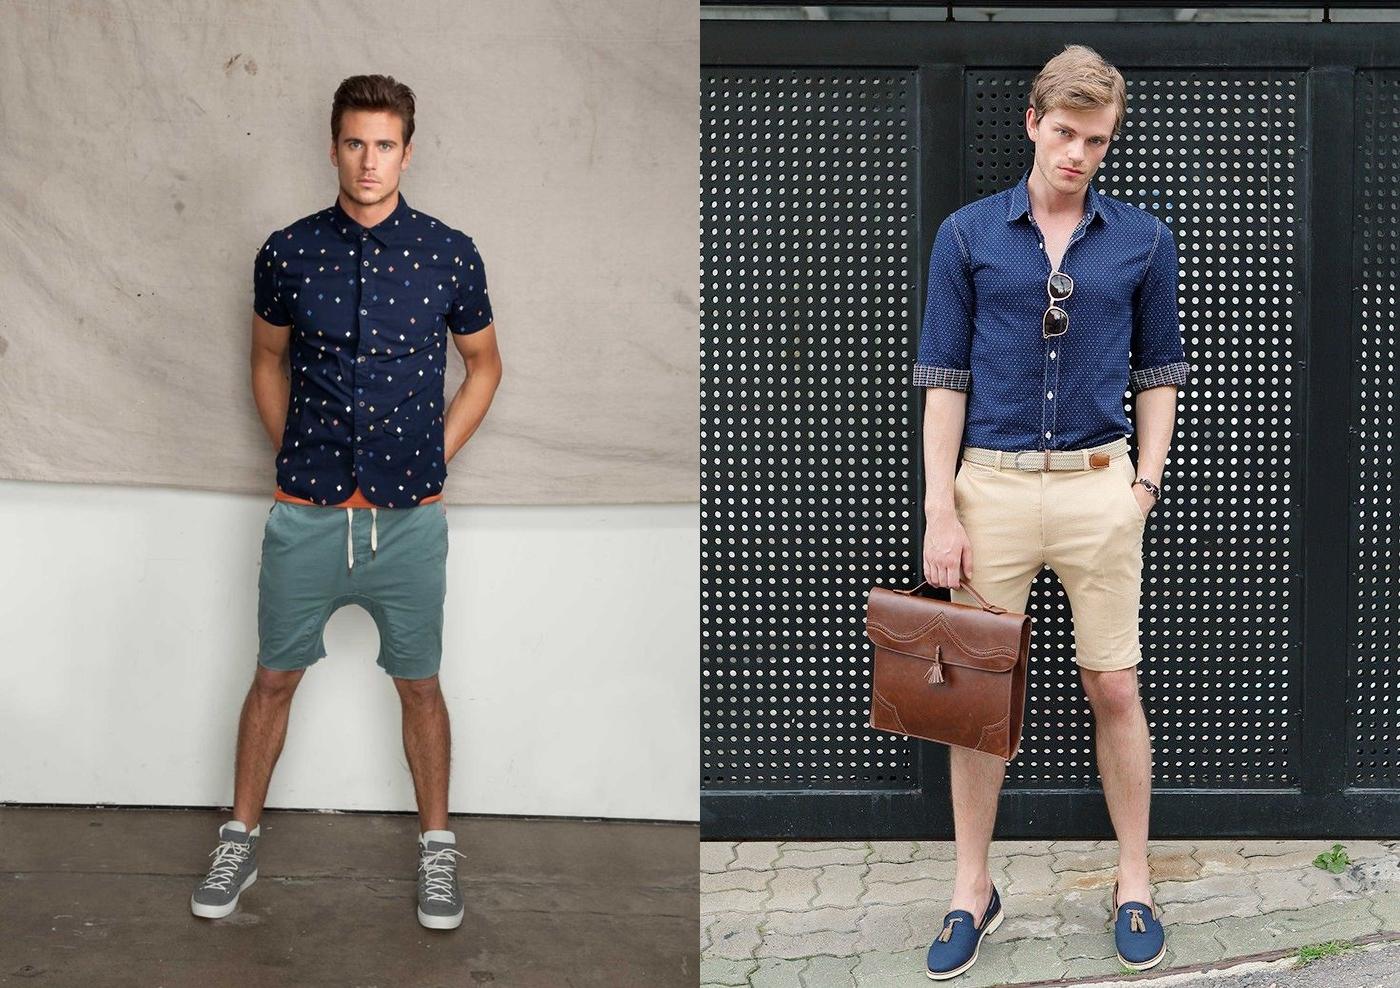 bermuda verão 2015, short verão 2015, bermuda com camisa, short com camisa, menswear, dicas de moda, roupas masculina, alex cursino, moda sem censura, fashion blogger, blog de moda masculina, 2